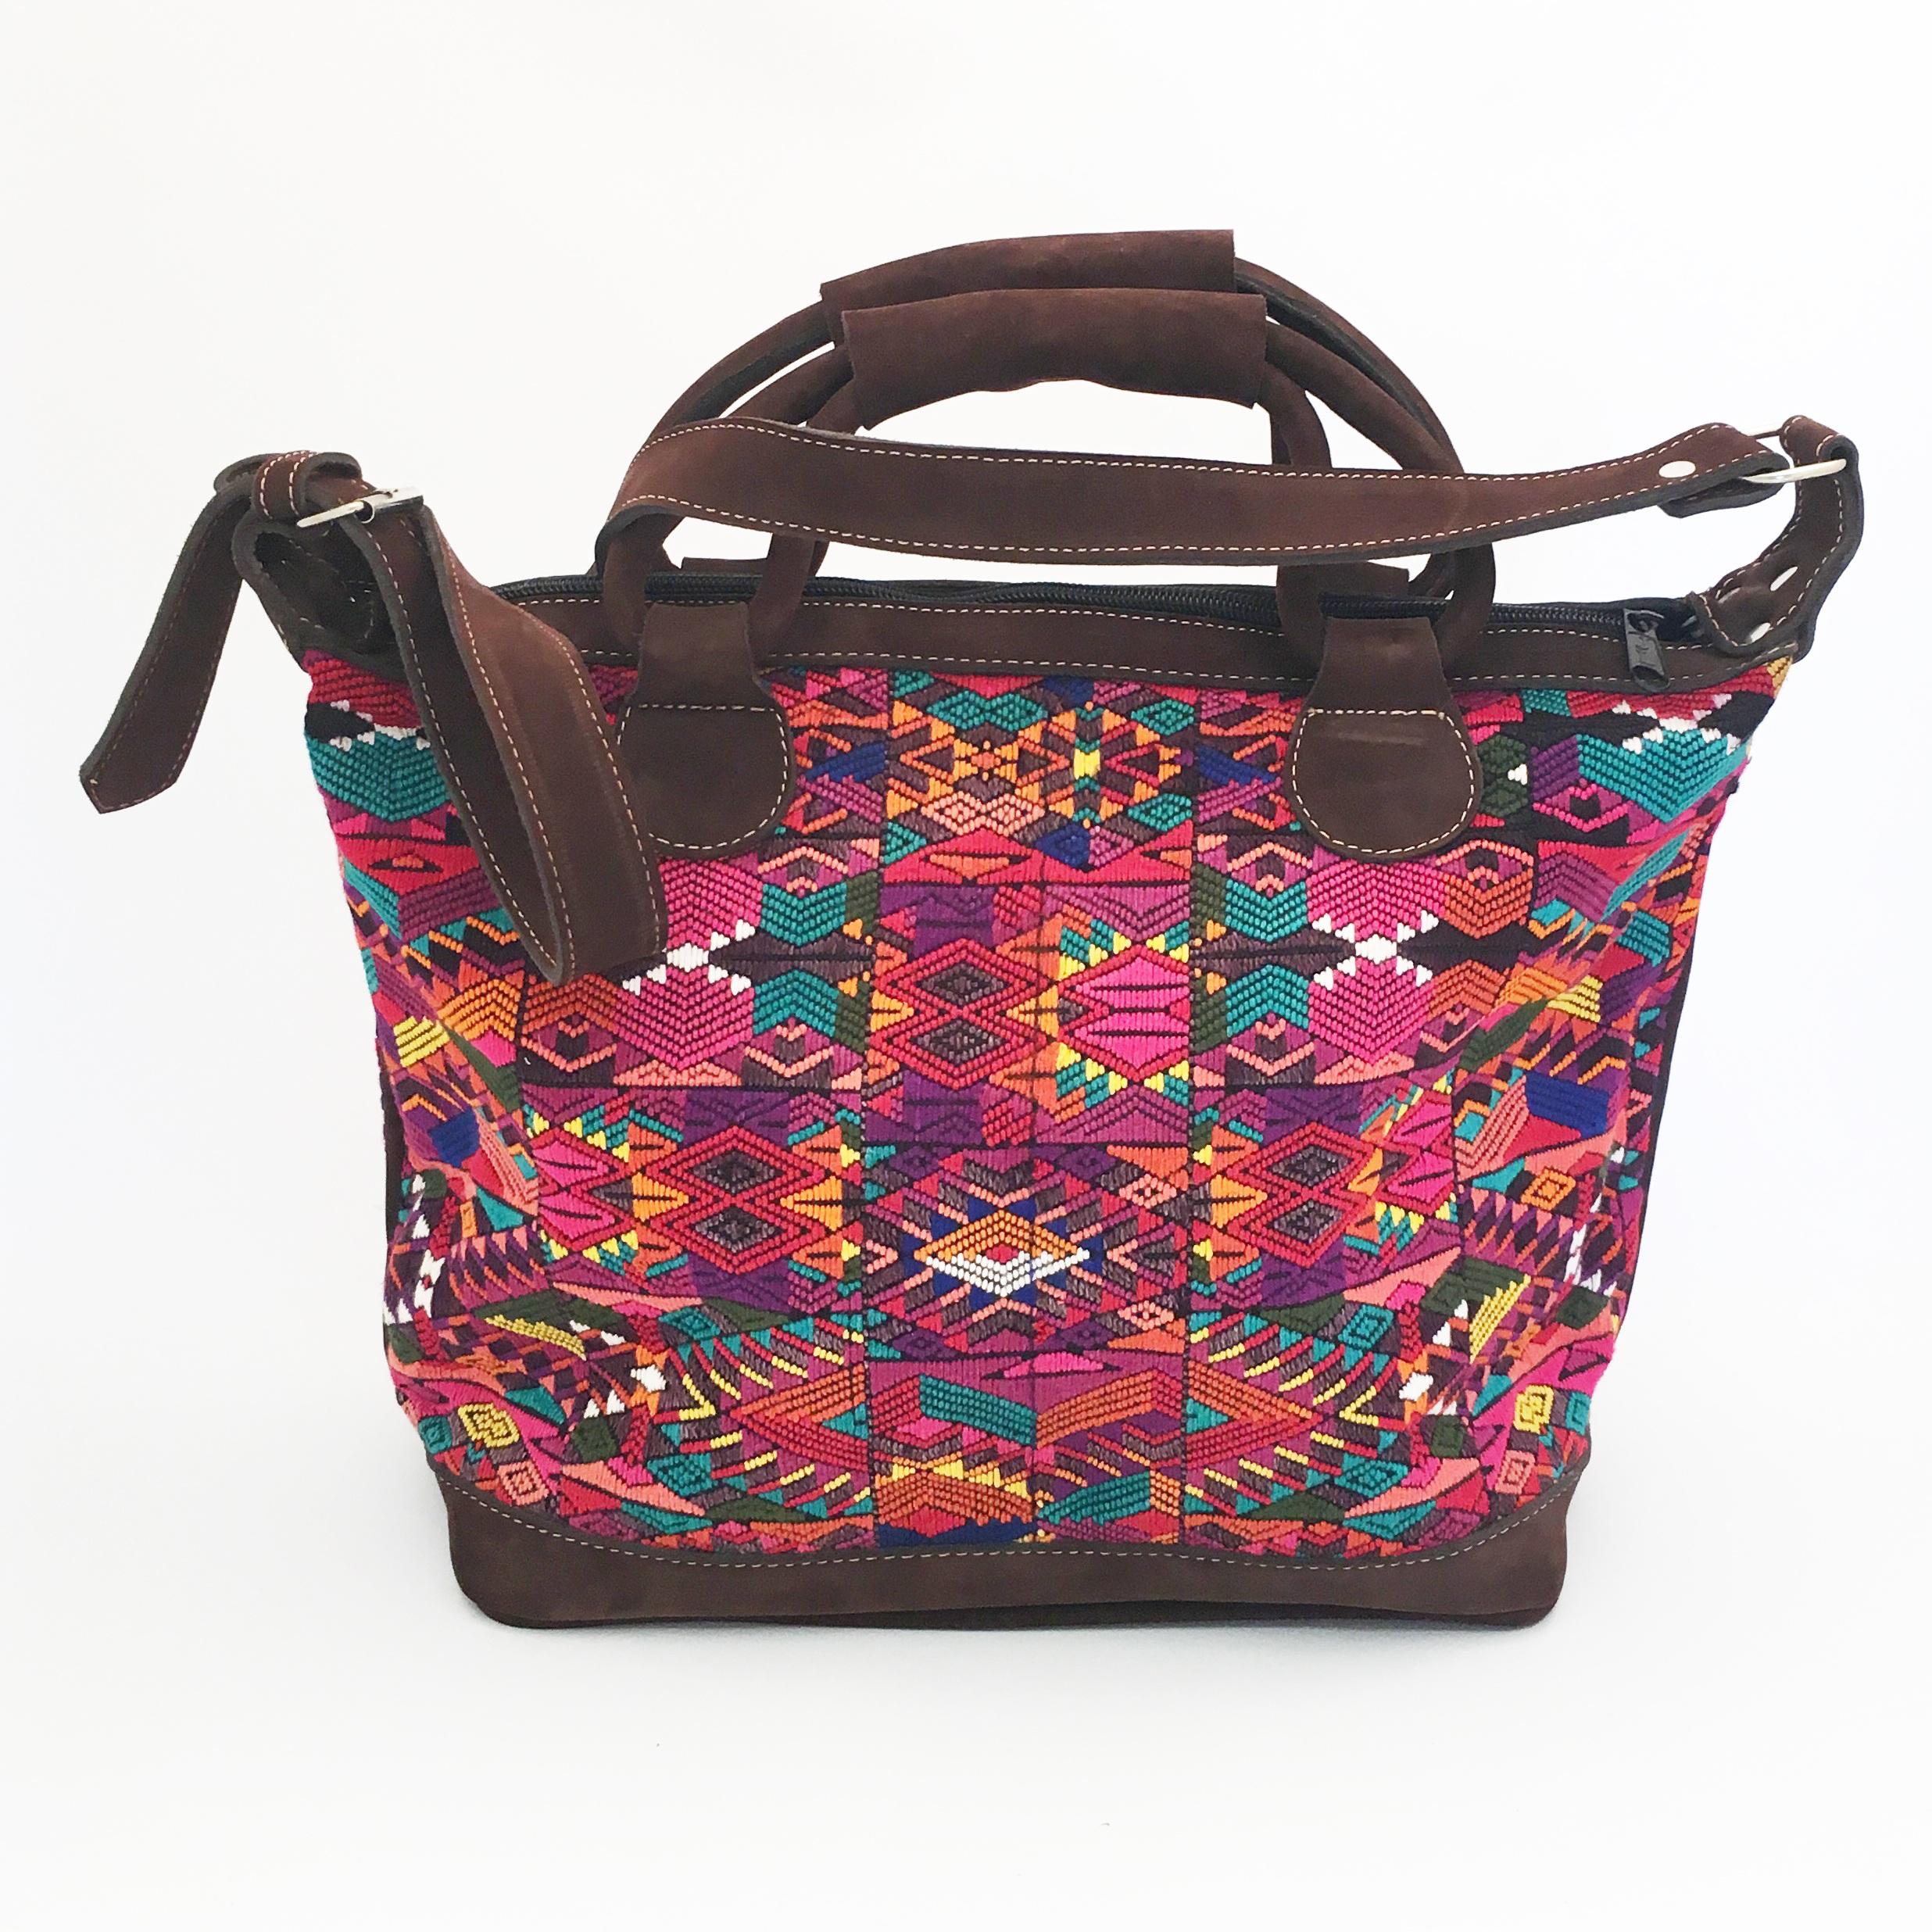 väska, axelväska, guatemala, återbruk, recycle, reuse (18)